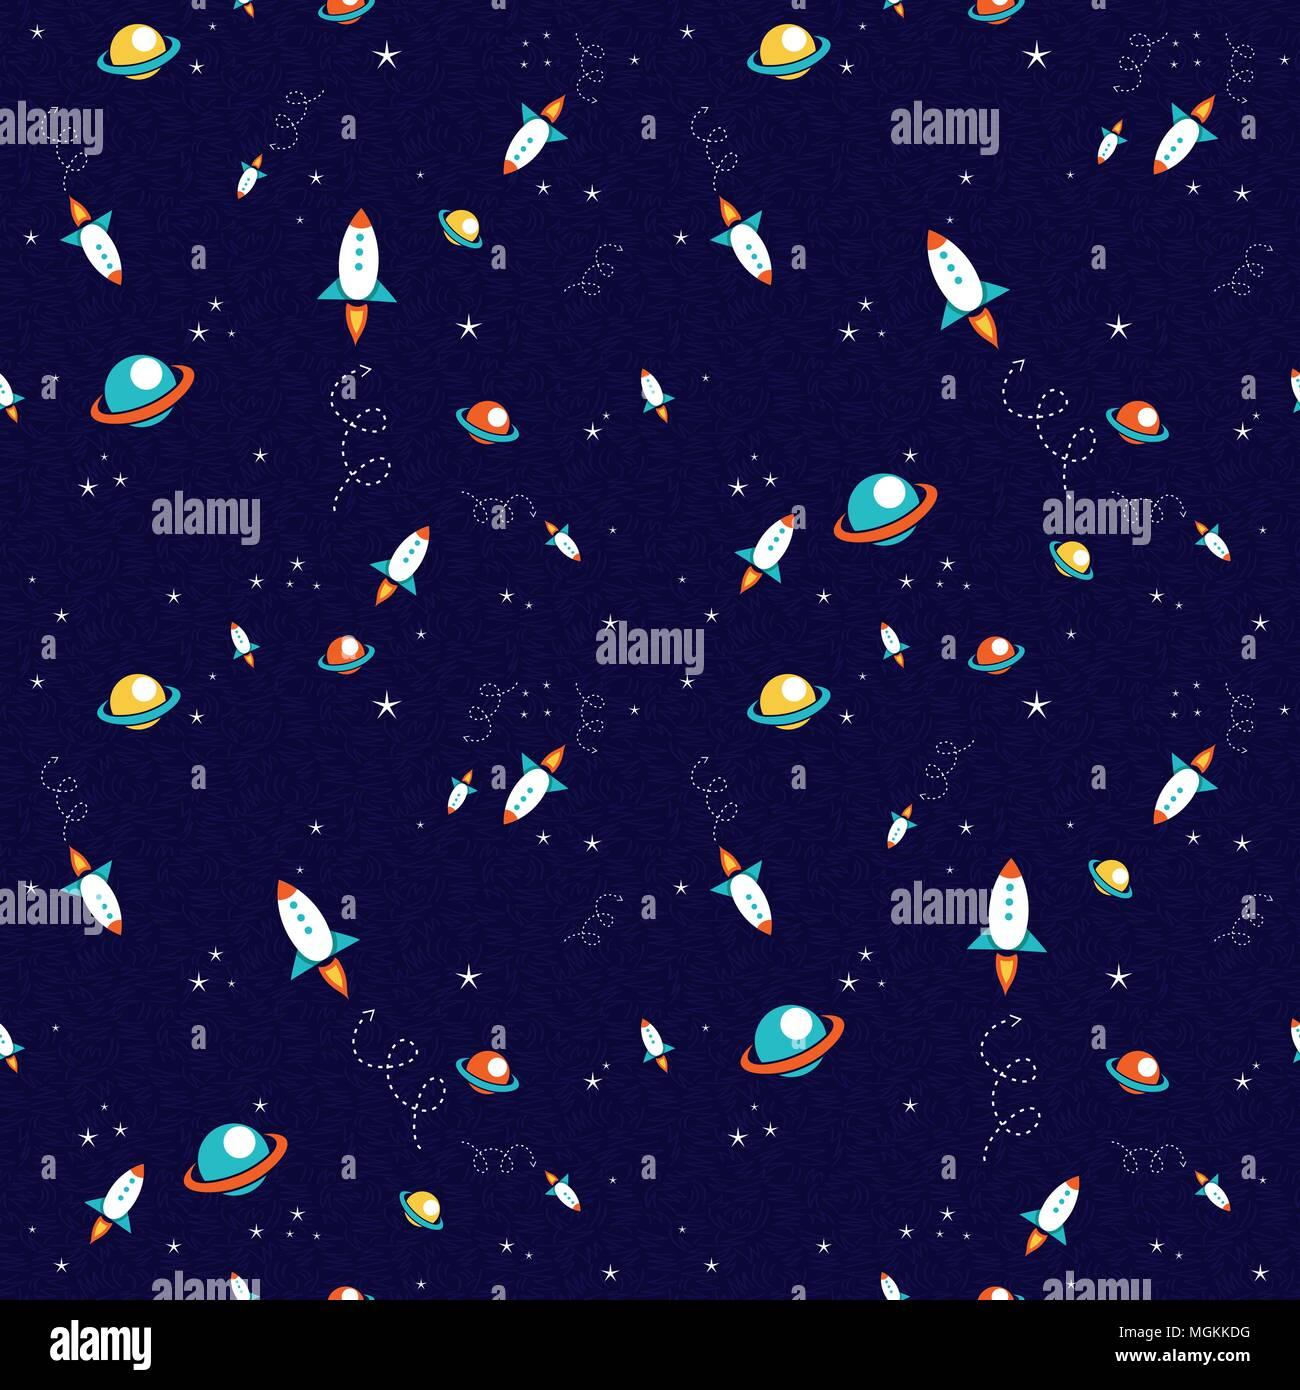 kosmische nahtlose muster von hand gezeichneten planeten und rakete raumschiff weltraum galaxy hintergrund eps 10 vektor - Galaxy Muster